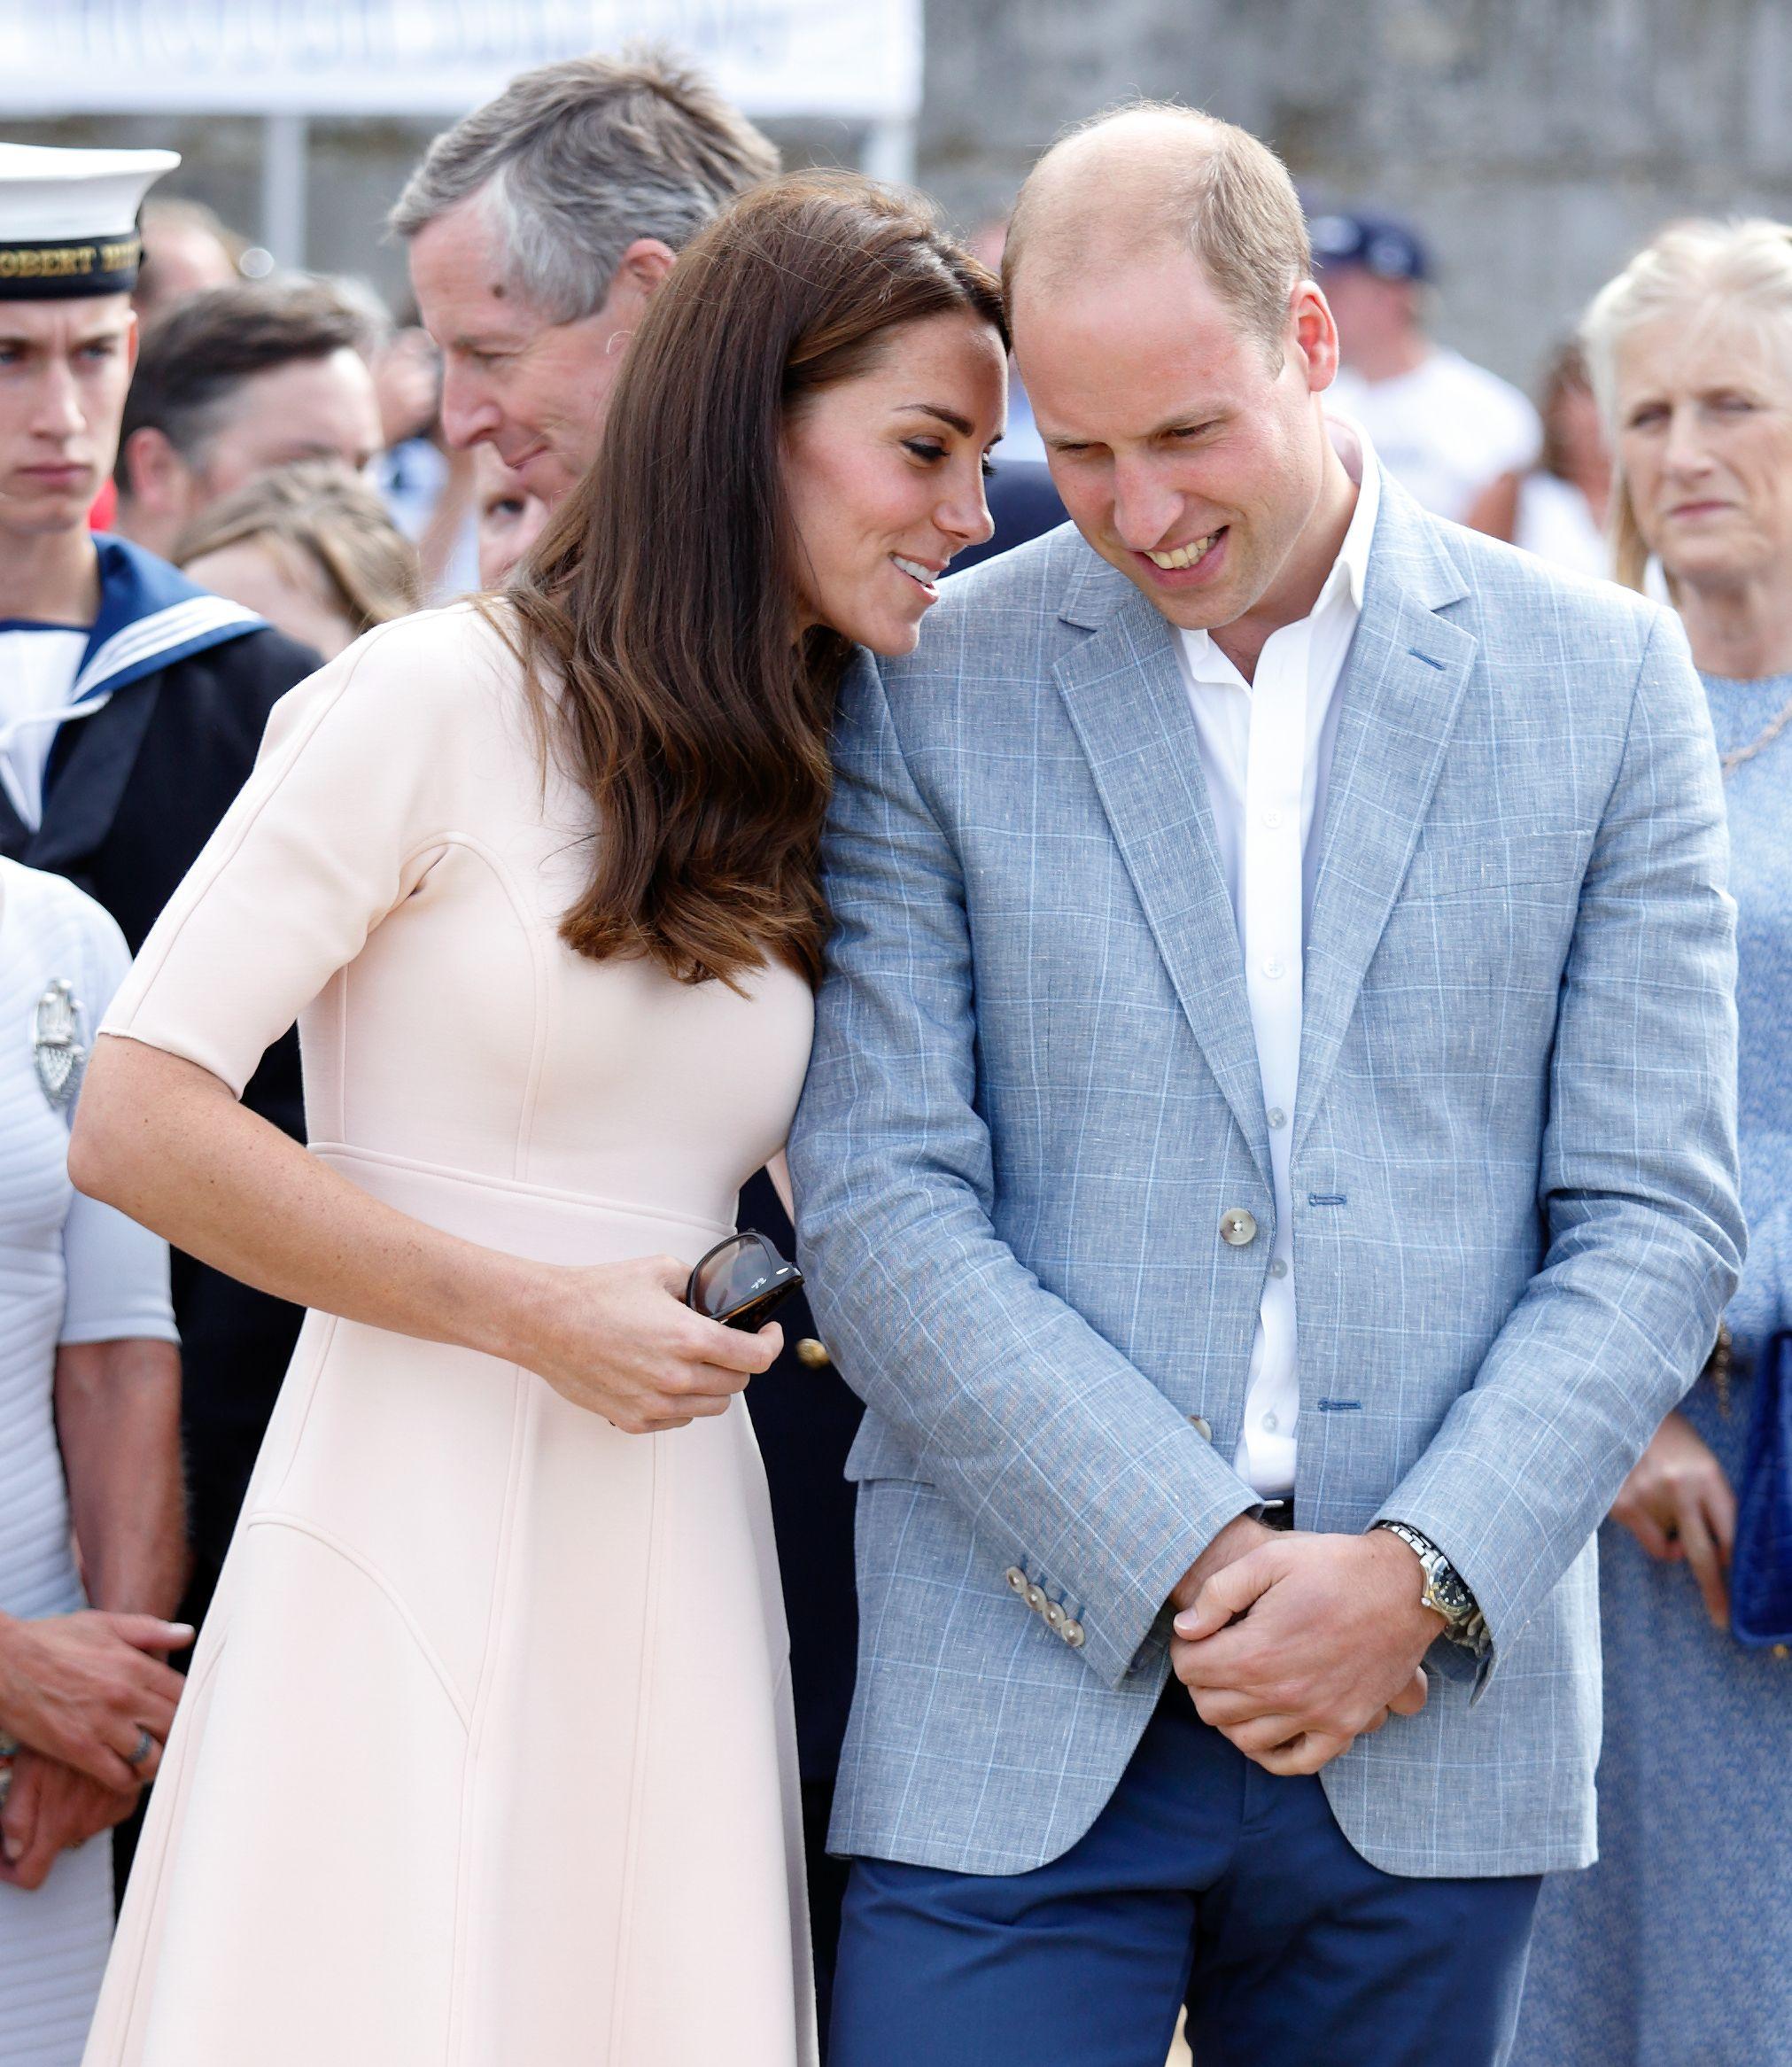 Một khoảnh khắc cực ngọt ngào của cặp đôi trong chuyến thăm Cornwall vào năm 2016.